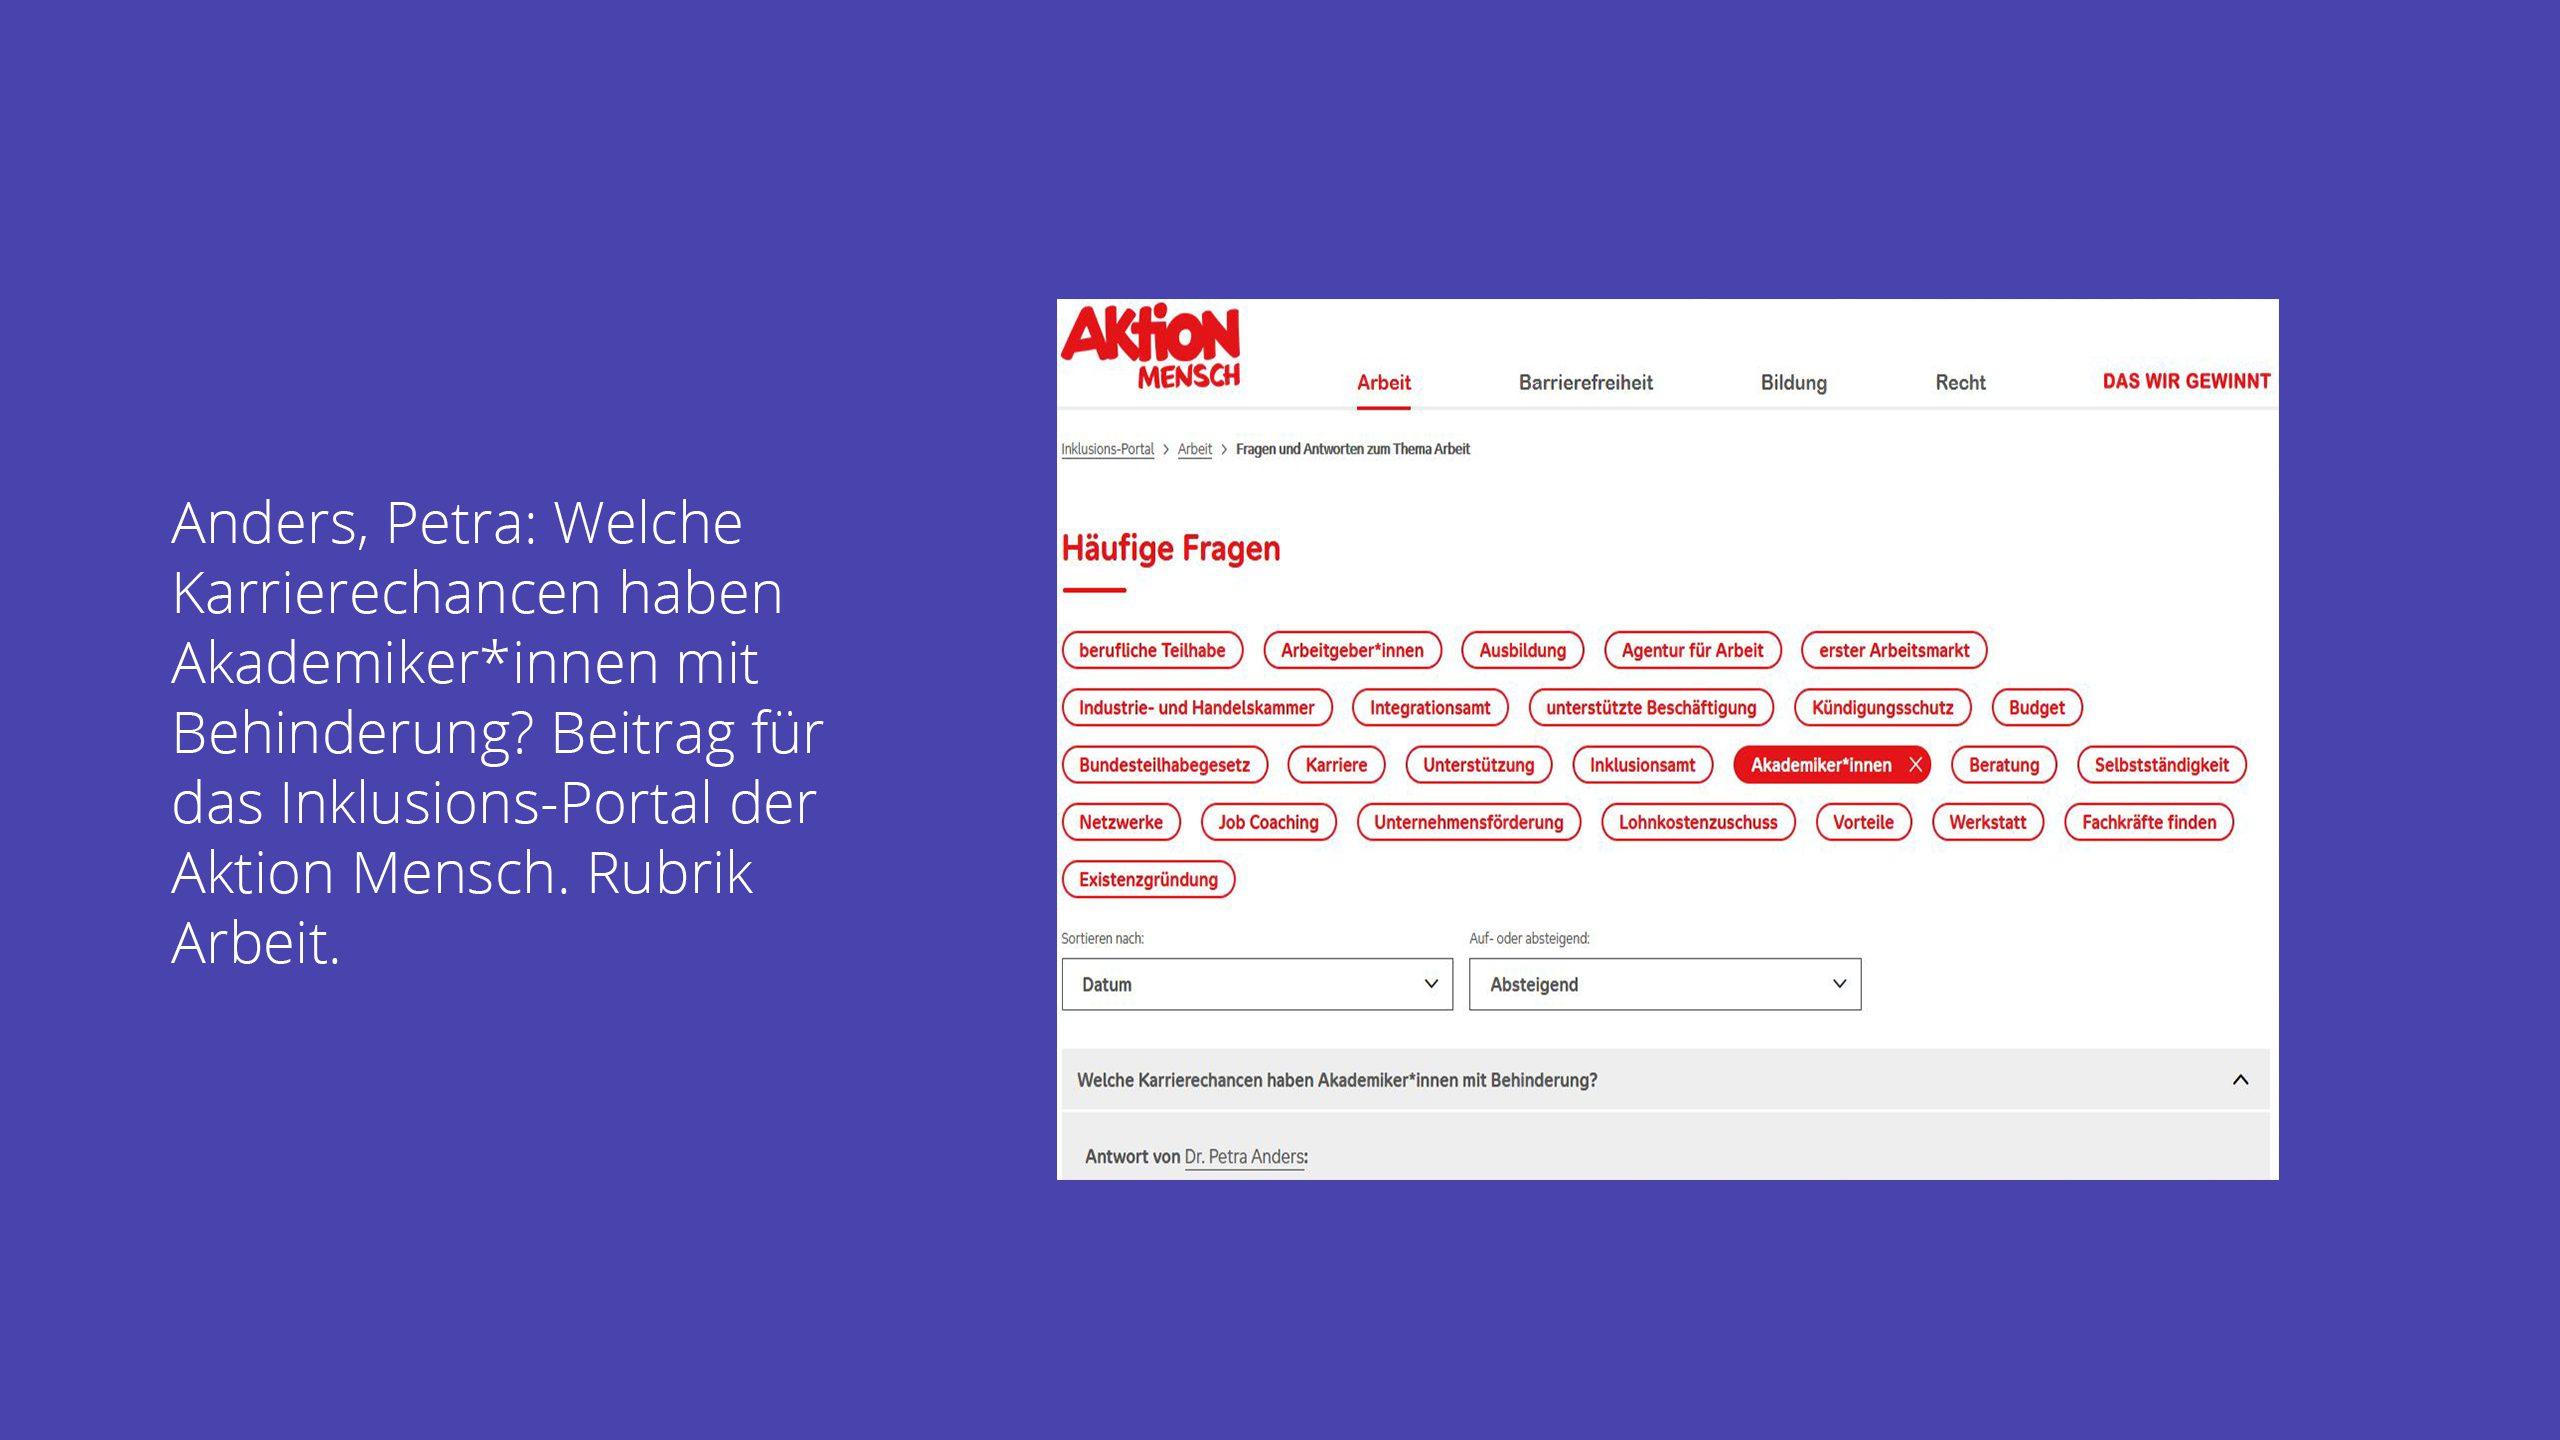 Petra Anders: Welche Karrierechancen haben Akademiker*innen mit Behinderung? Beitrag für das Inklusions-Portal der Aktion Mensch. Rubrik Arbeit.